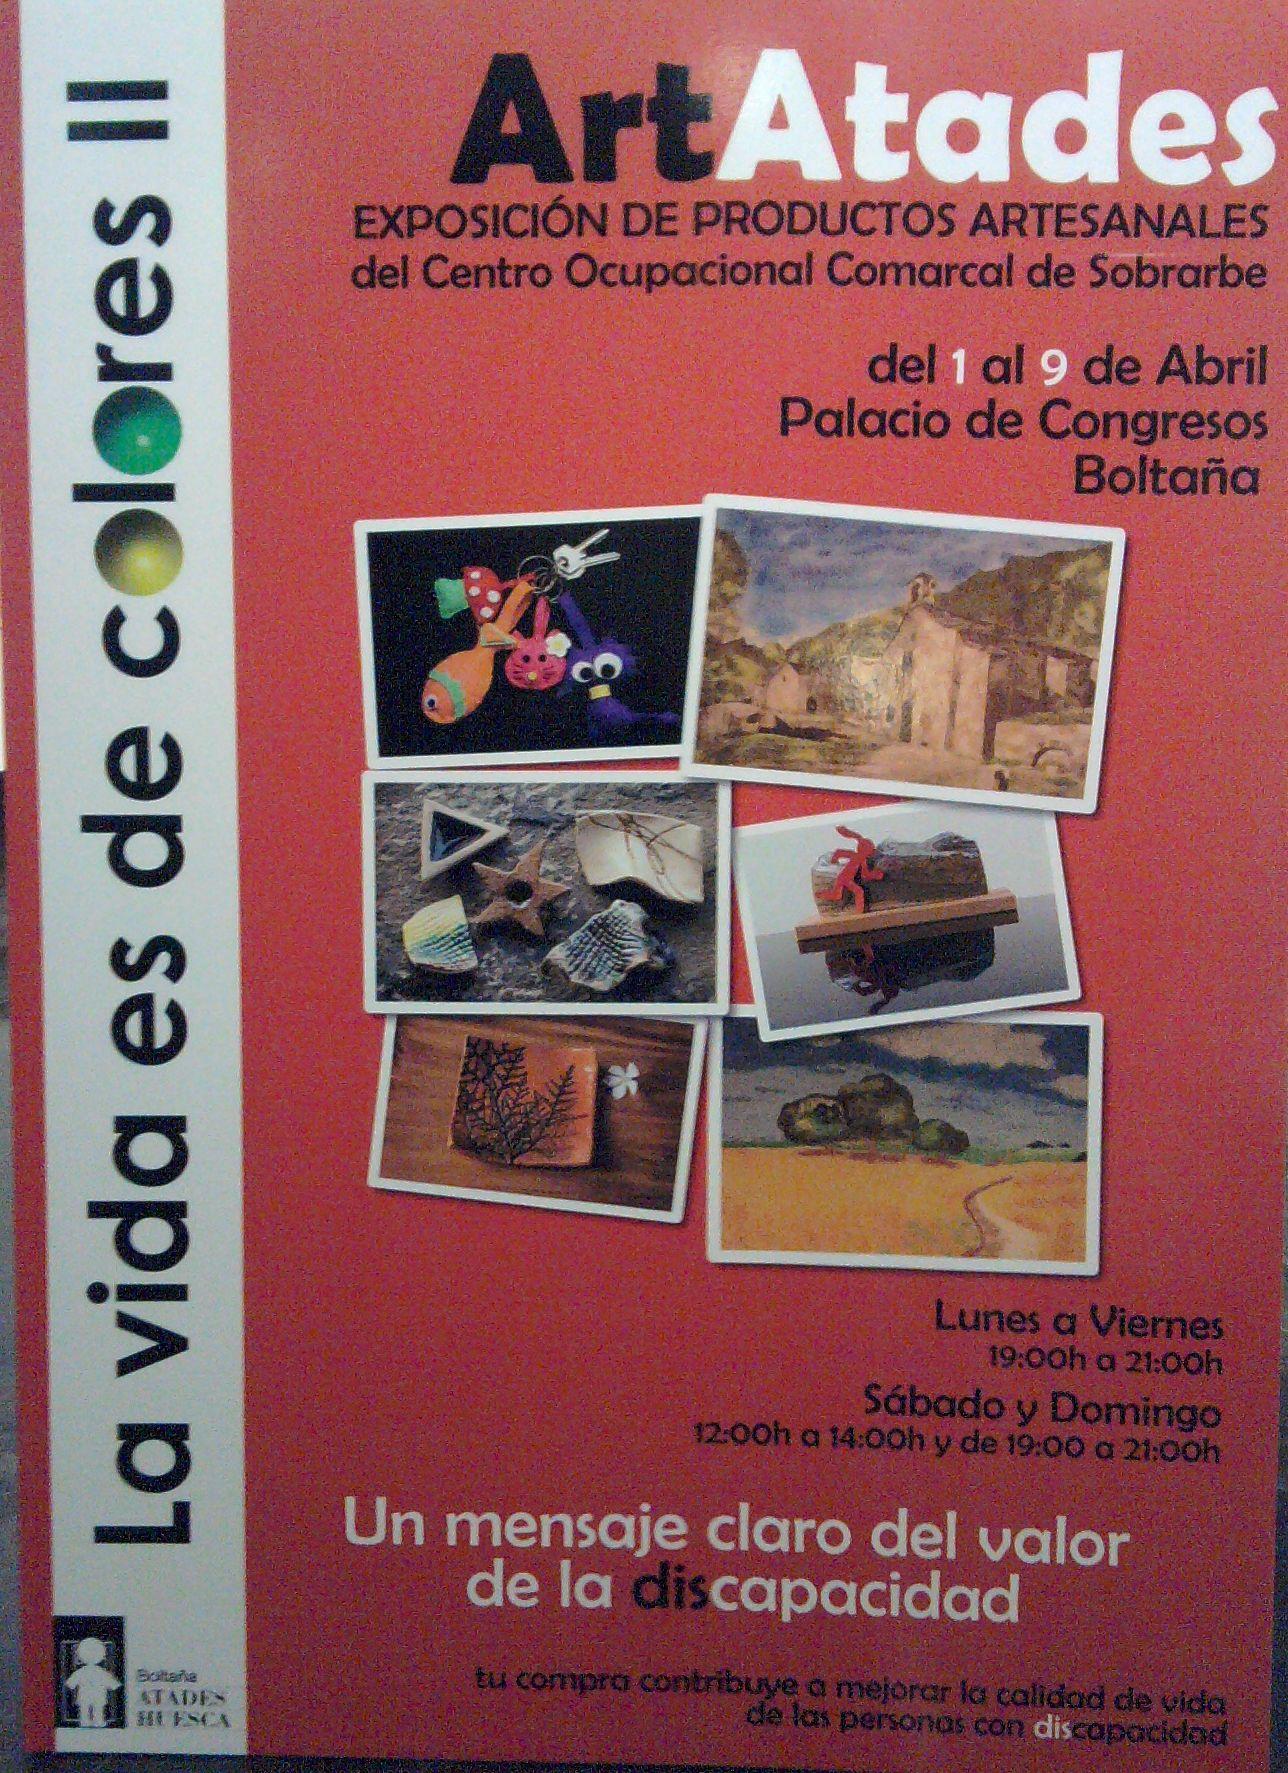 http://sobrarbenses.files.wordpress.com/2011/04/atades1.jpg